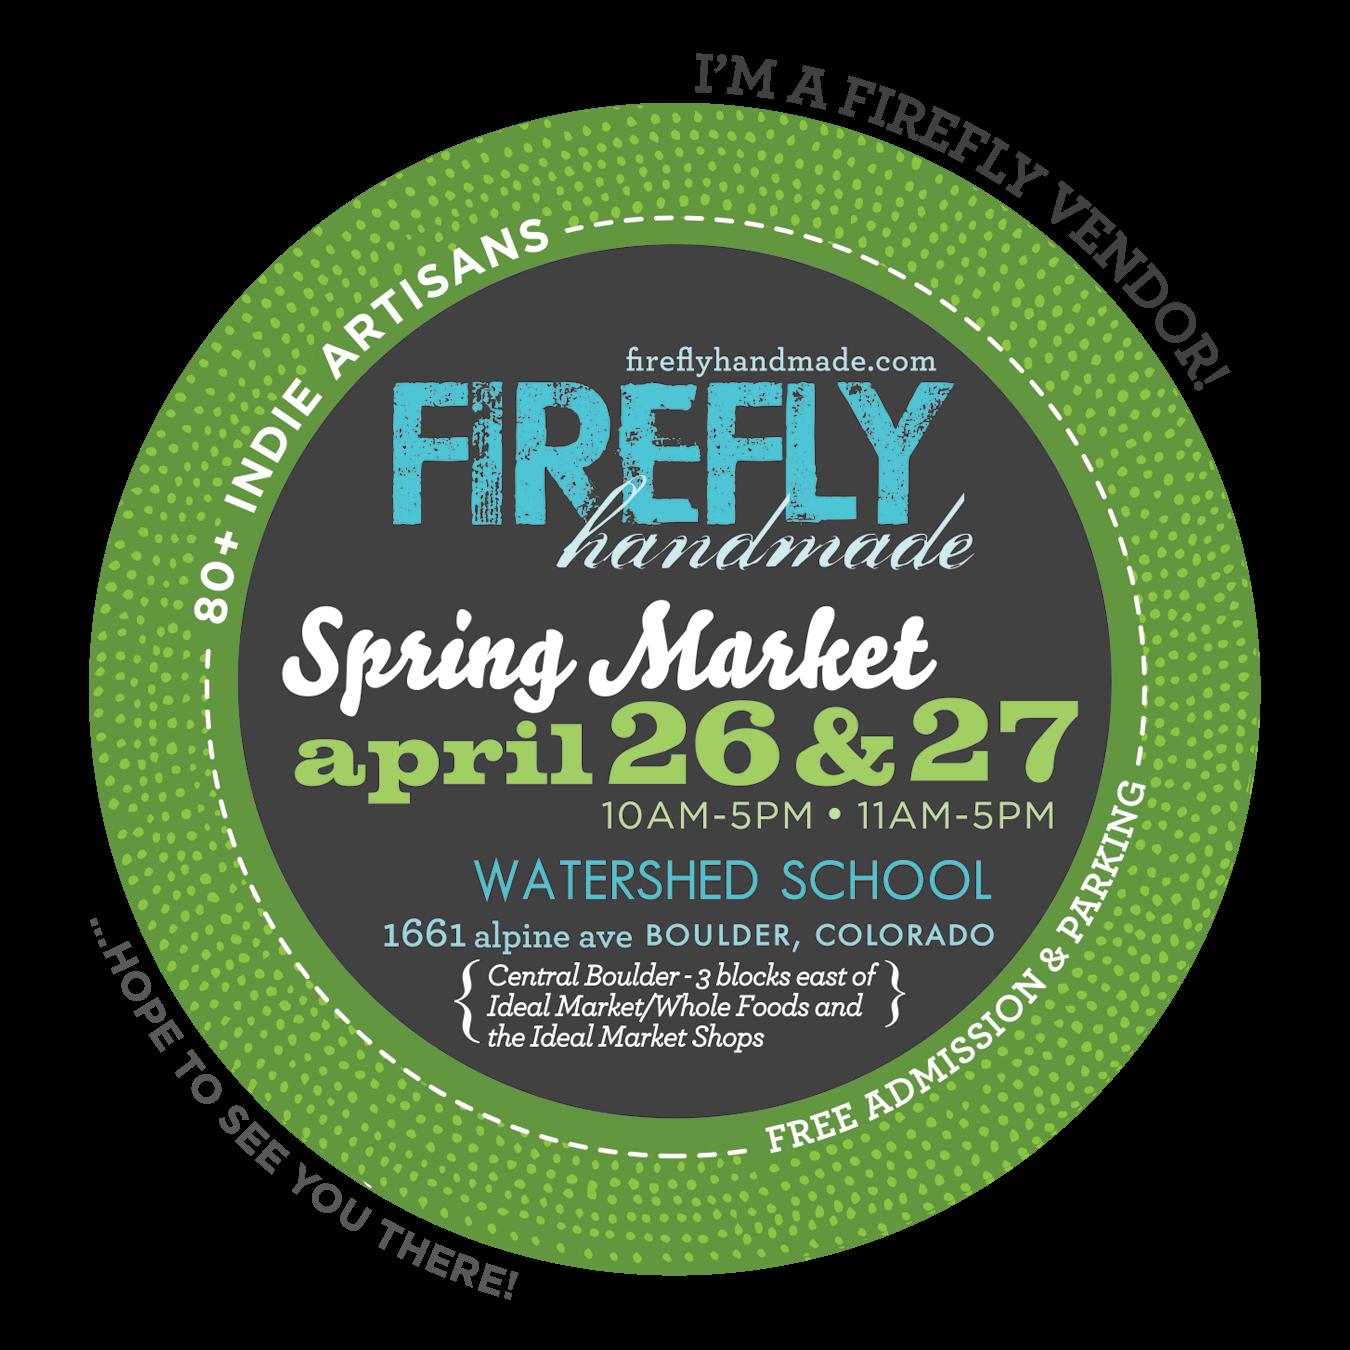 I'm a Firefly Vendor